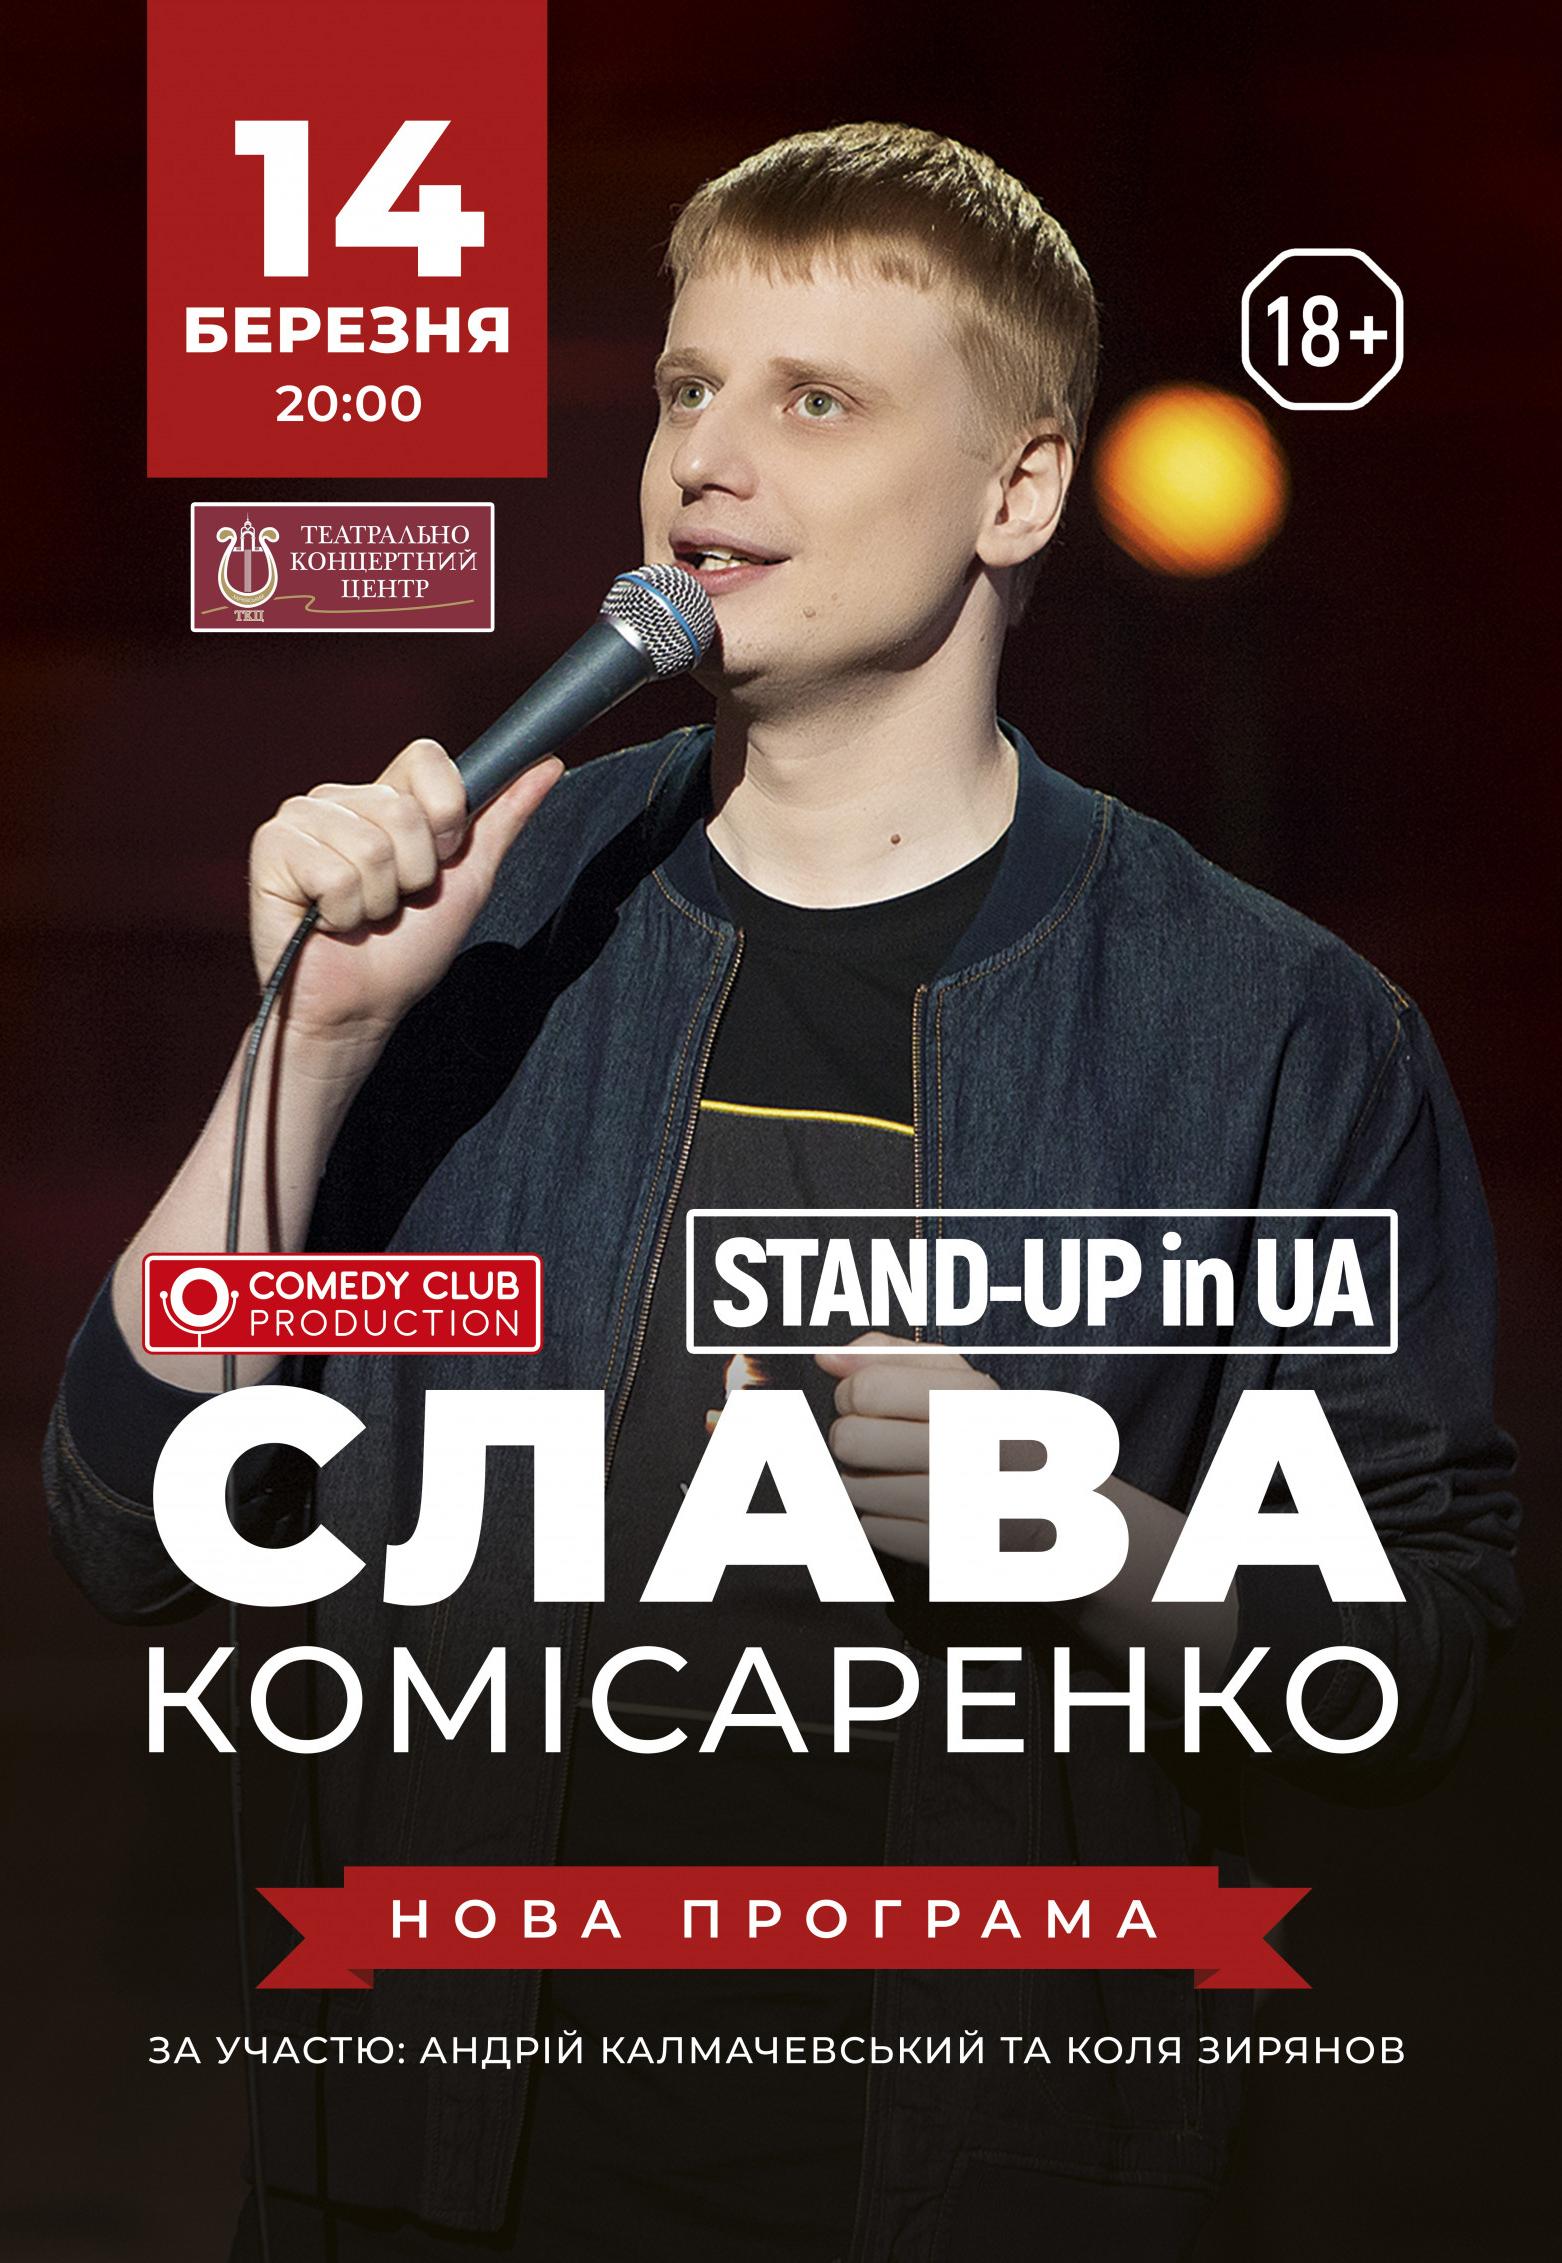 Стендап шоу купить билет концерты в мурманске 2017 афиша апрель